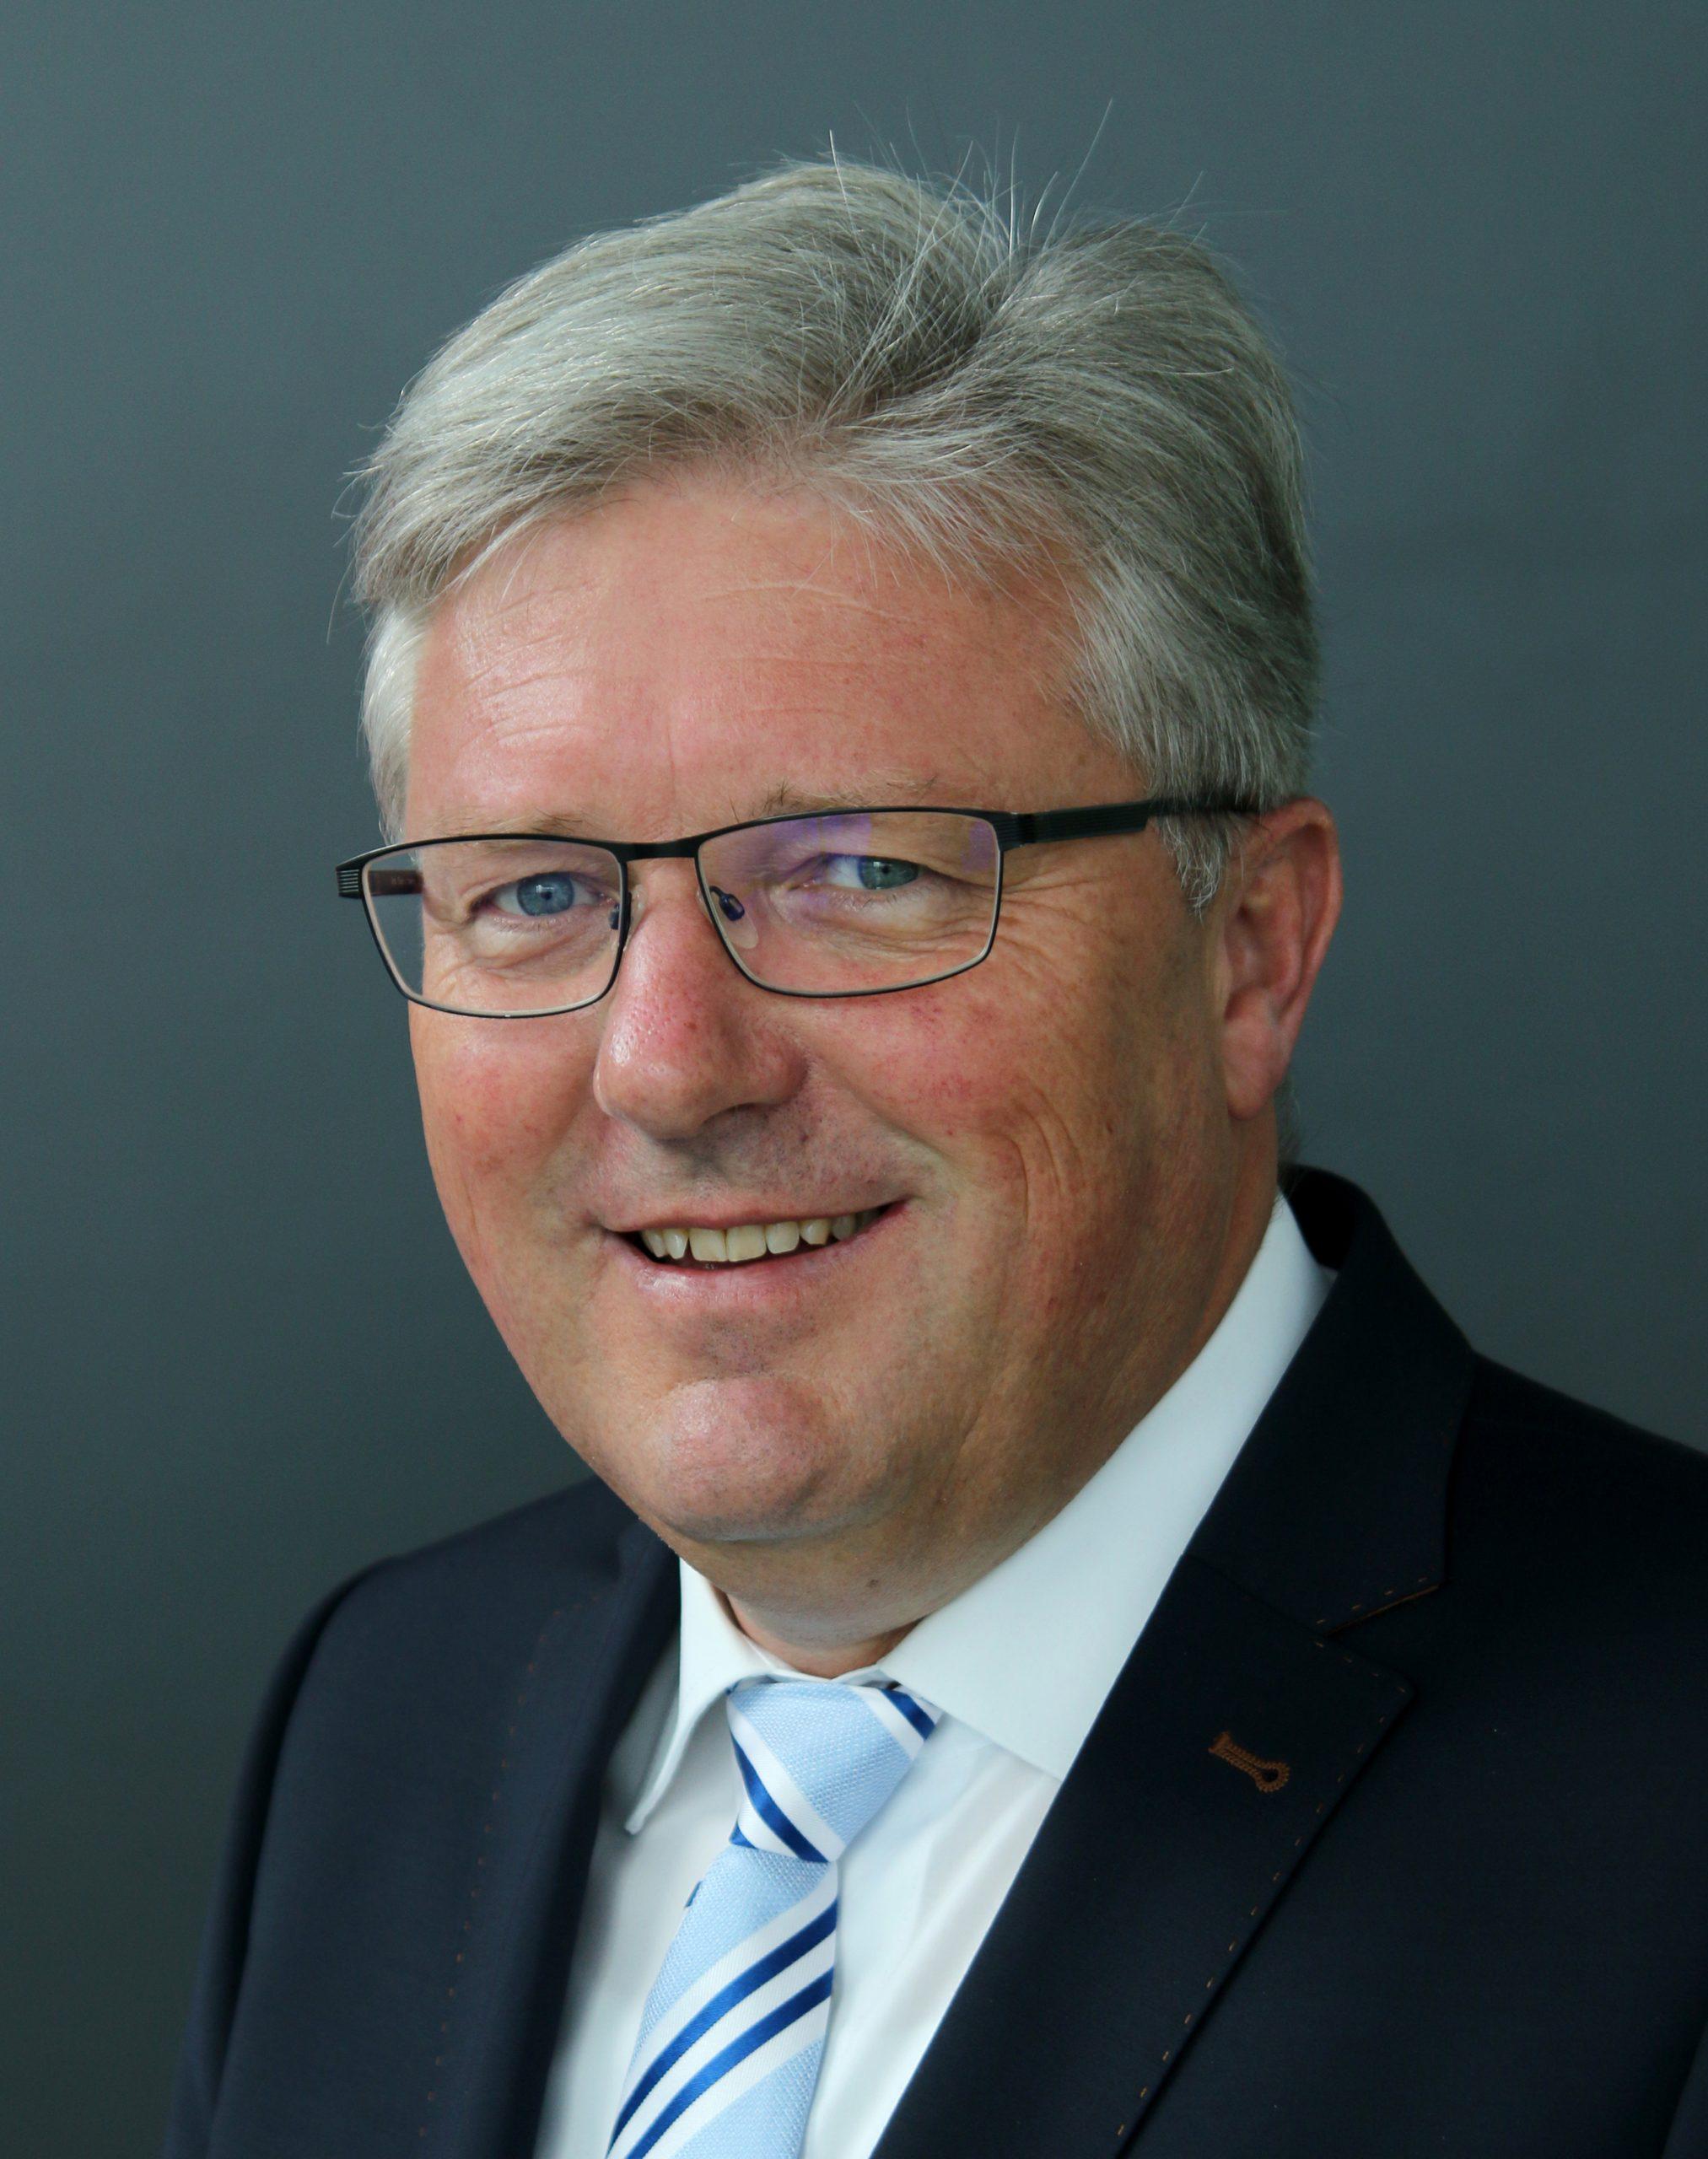 Hermann Meyering, Geschäftsführer der TRD-Reisen Dortmund GmbH